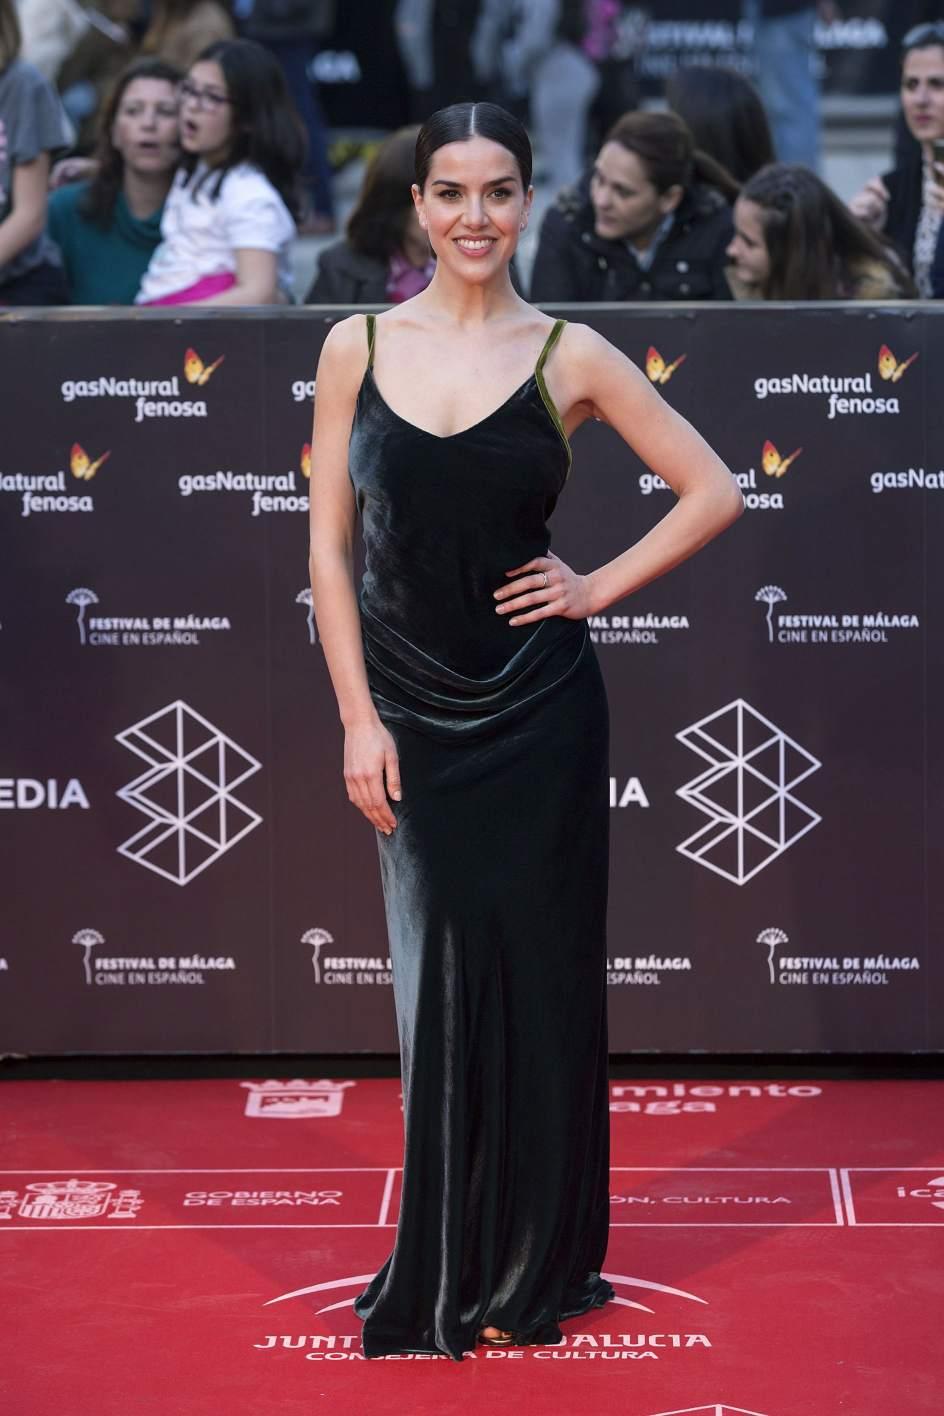 Roko. La cantante Roko posa a su llegada a la gala inaugural de la vigésima edición del Festival de Málaga.